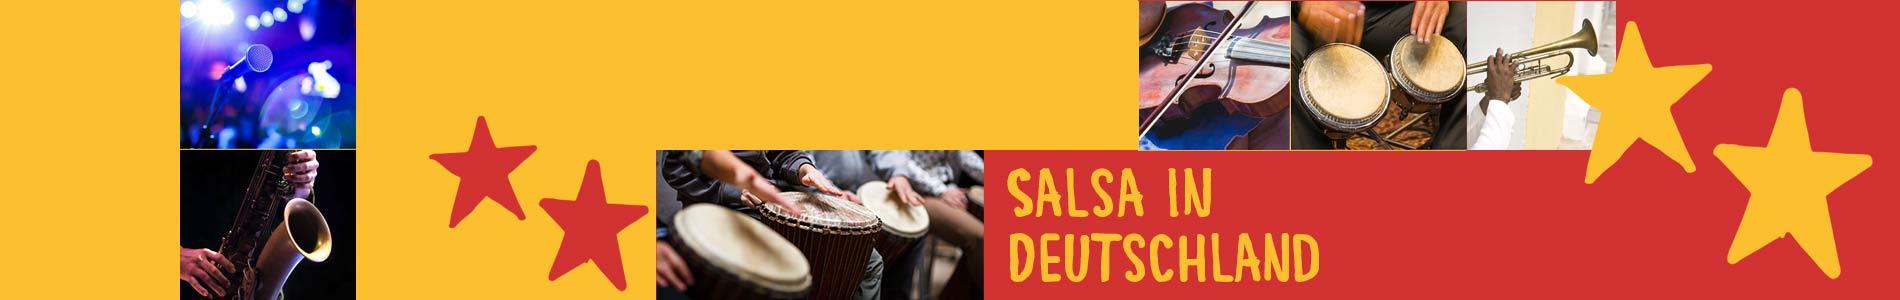 Salsa in Brey – Salsa lernen und tanzen, Tanzkurse, Partys, Veranstaltungen